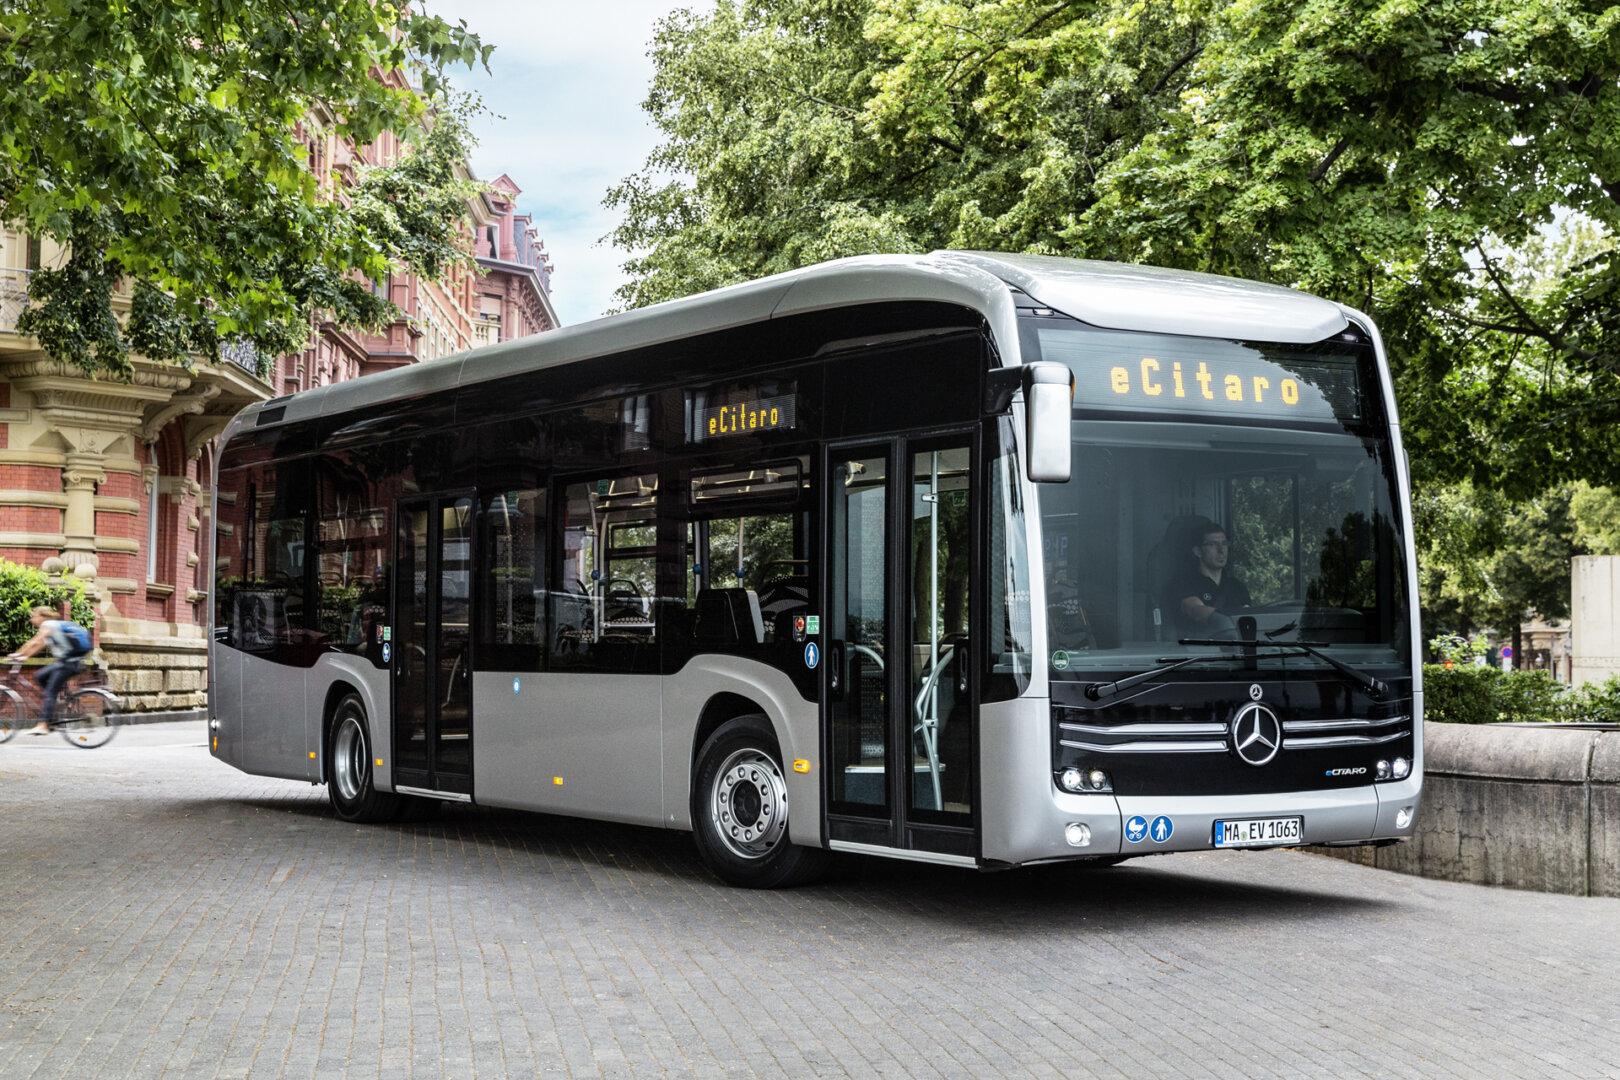 Silberner Mercedes E-Bus in einem Wendekreis